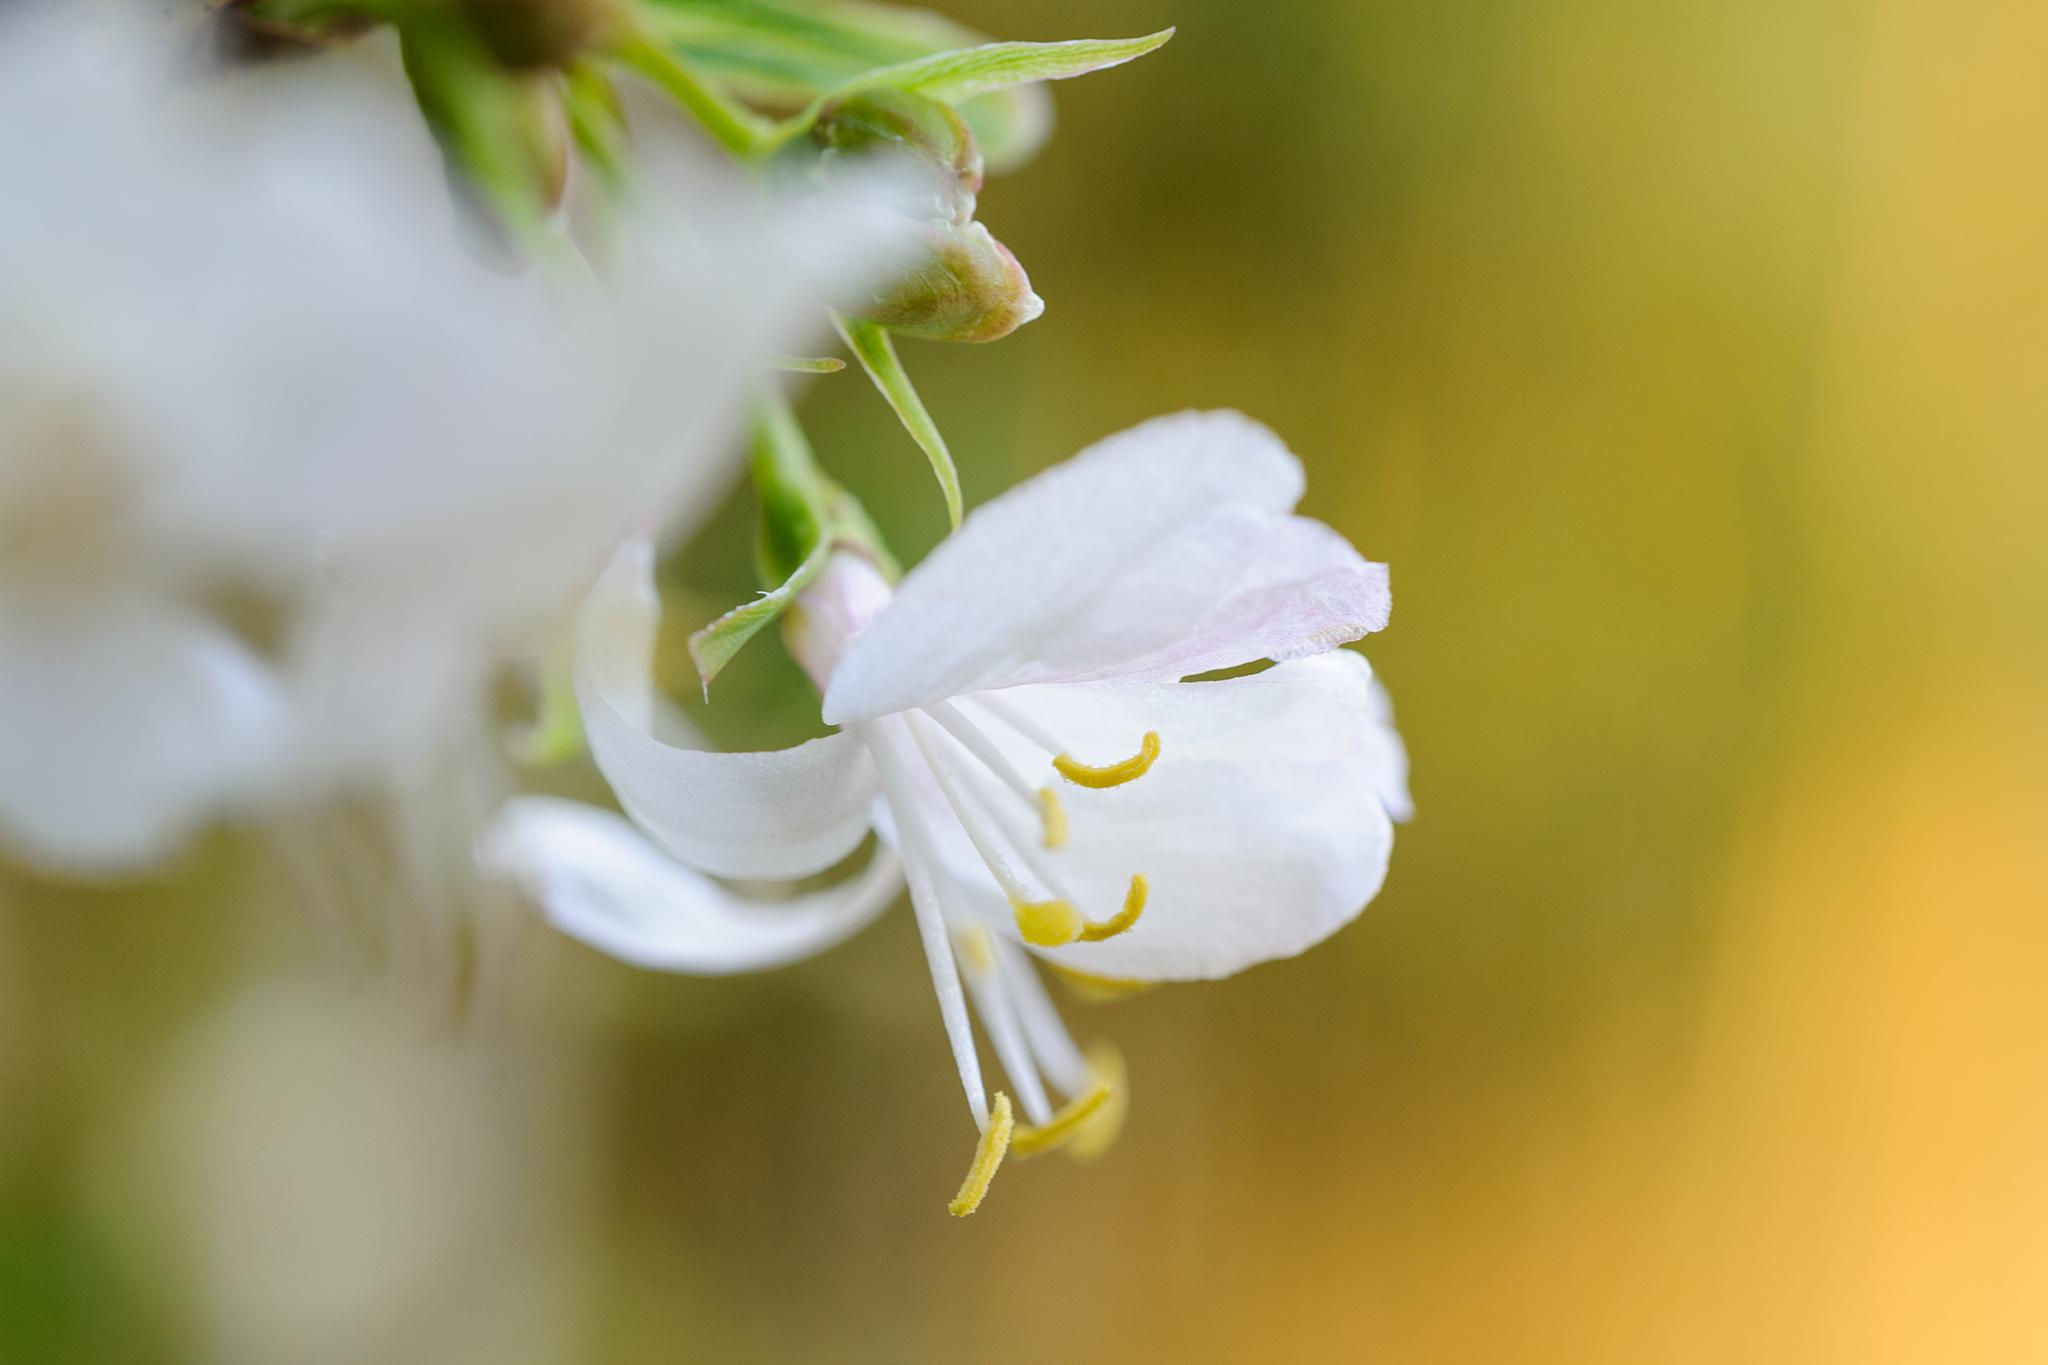 winter-honeysuckle-lonicera-fragrantissima-2